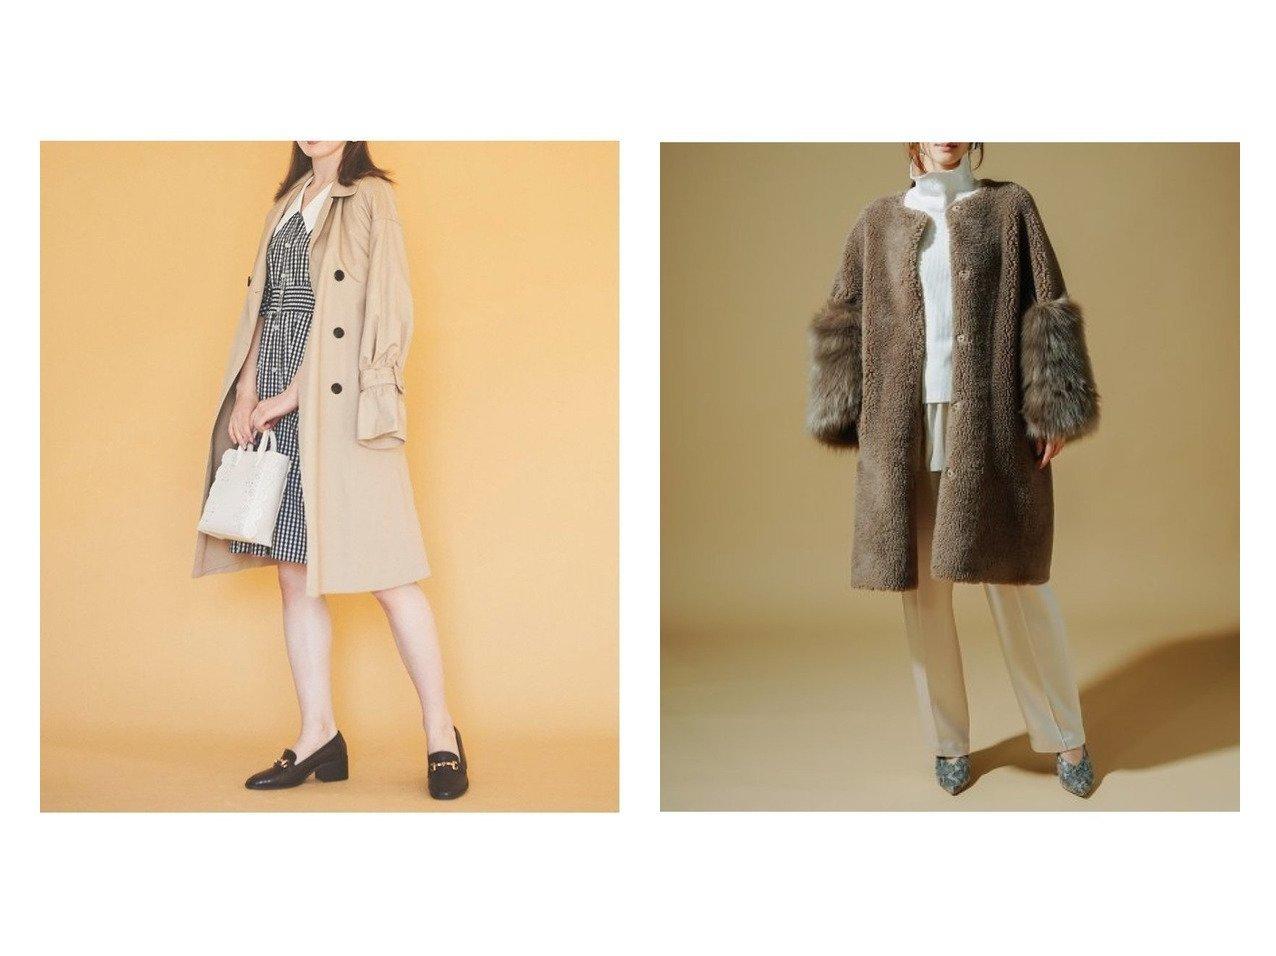 【CELFORD/セルフォード】の袖ファー付きボアコート&【31 Sons de mode/トランテアン ソン ドゥ モード】のキャンディスリーブトレンチコート アウターのおすすめ!人気、トレンド・レディースファッションの通販  おすすめで人気の流行・トレンド、ファッションの通販商品 メンズファッション・キッズファッション・インテリア・家具・レディースファッション・服の通販 founy(ファニー) https://founy.com/ ファッション Fashion レディースファッション WOMEN アウター Coat Outerwear コート Coats ジャケット Jackets トレンチコート Trench Coats 2021年 2021 2021 春夏 S/S SS Spring/Summer 2021 S/S 春夏 SS Spring/Summer ギャザー ジャケット フィット フレア エレガント ボンディング |ID:crp329100000010008